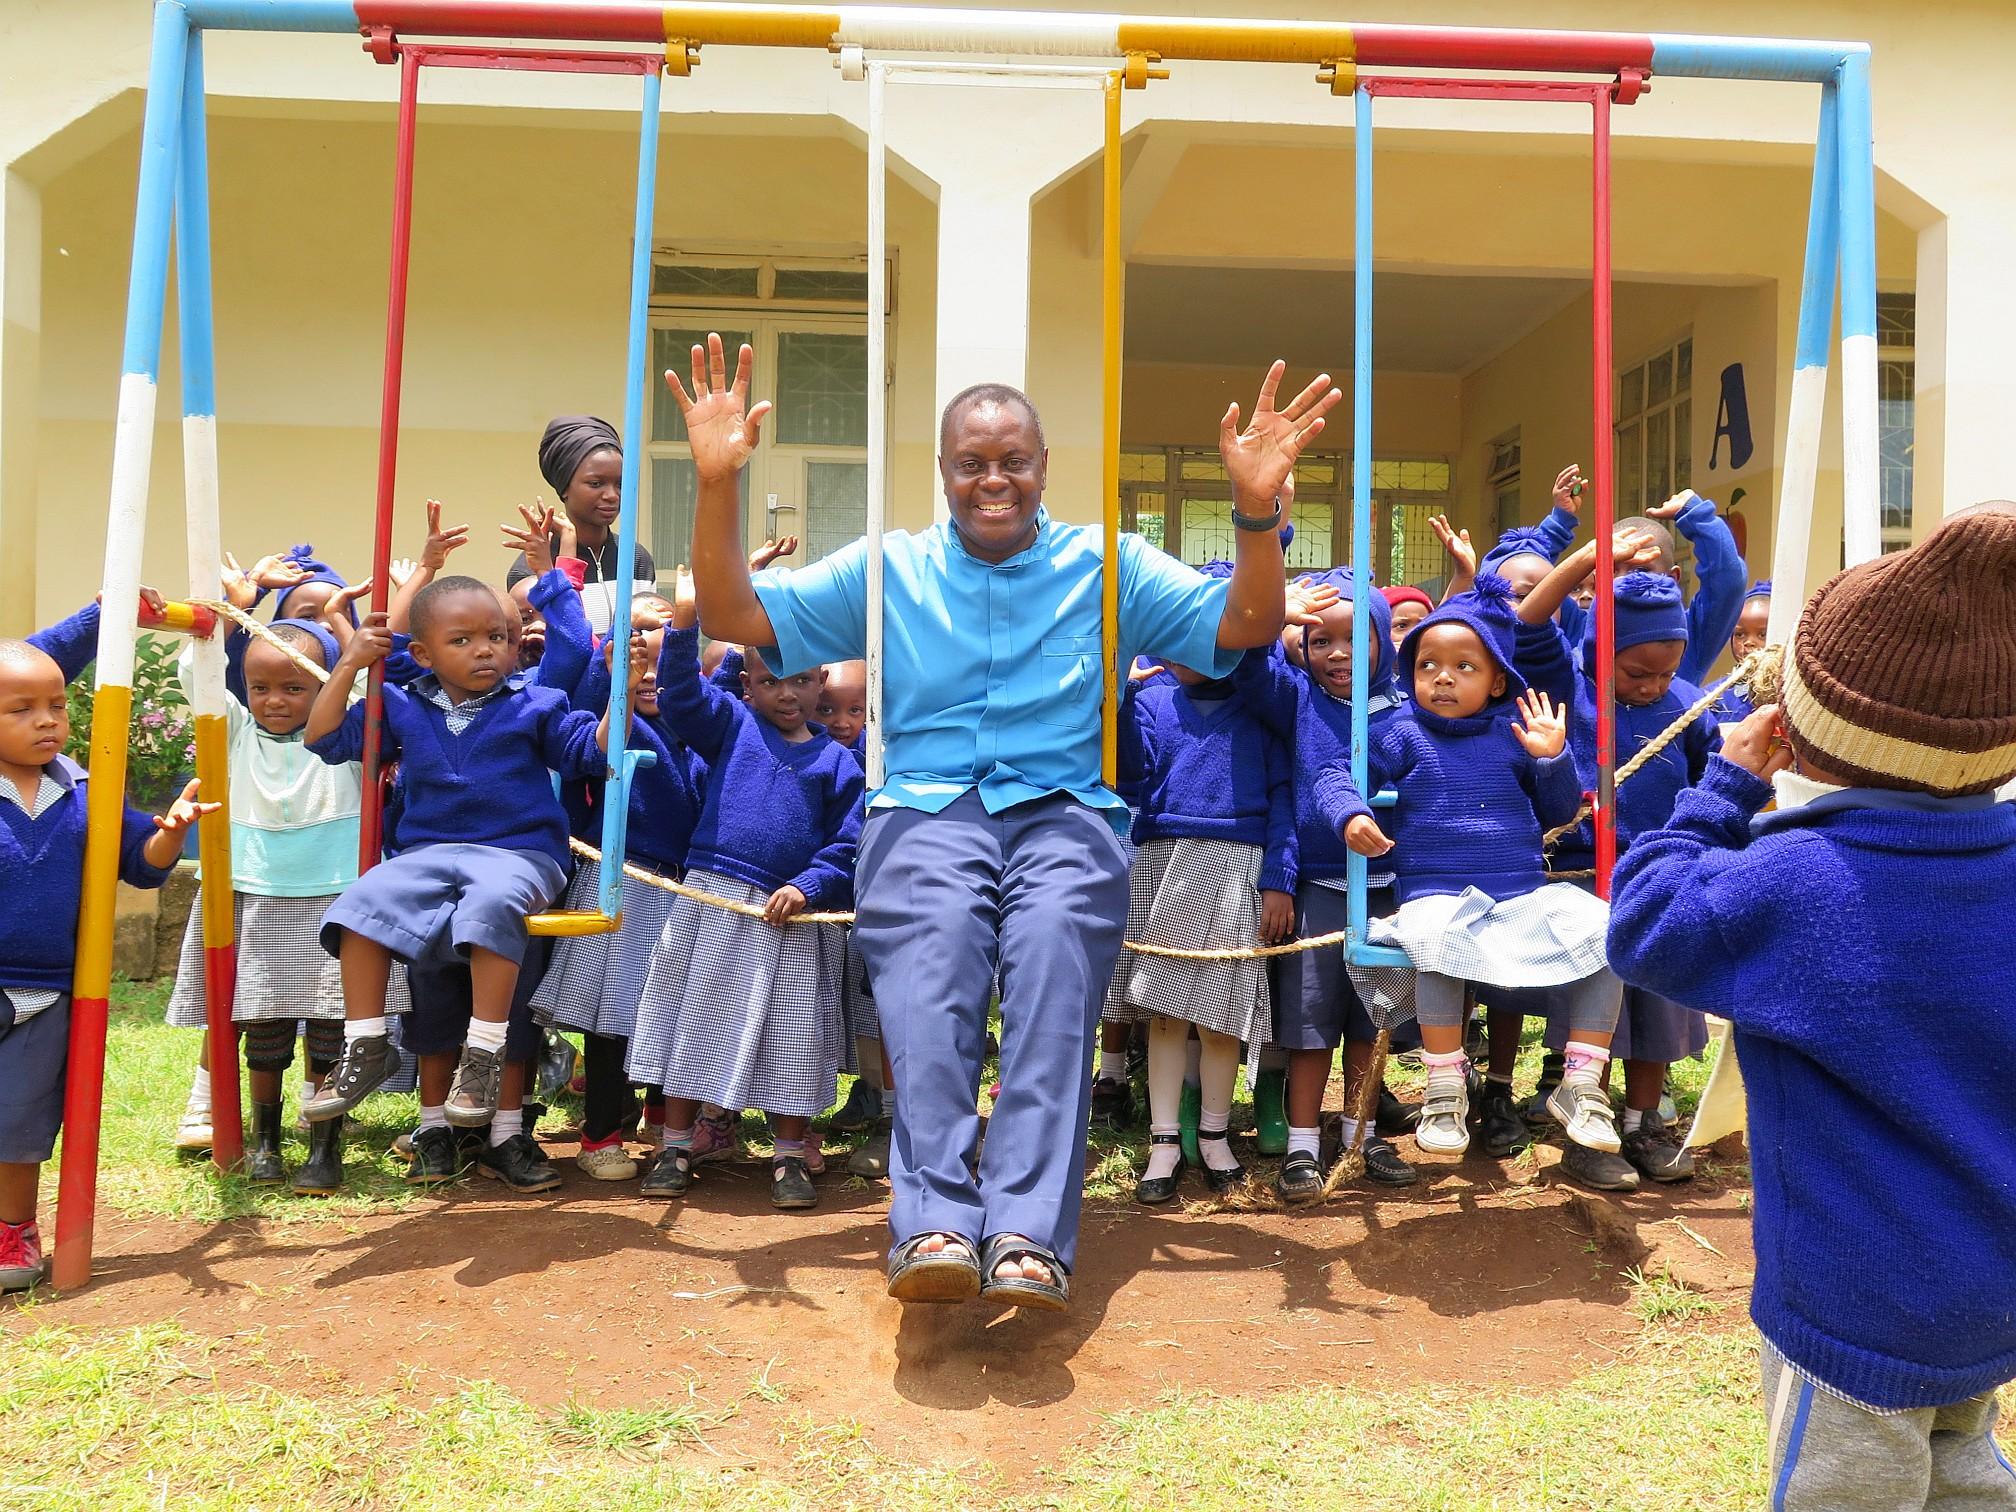 Besuch von Pater Aidan im Kindergarten